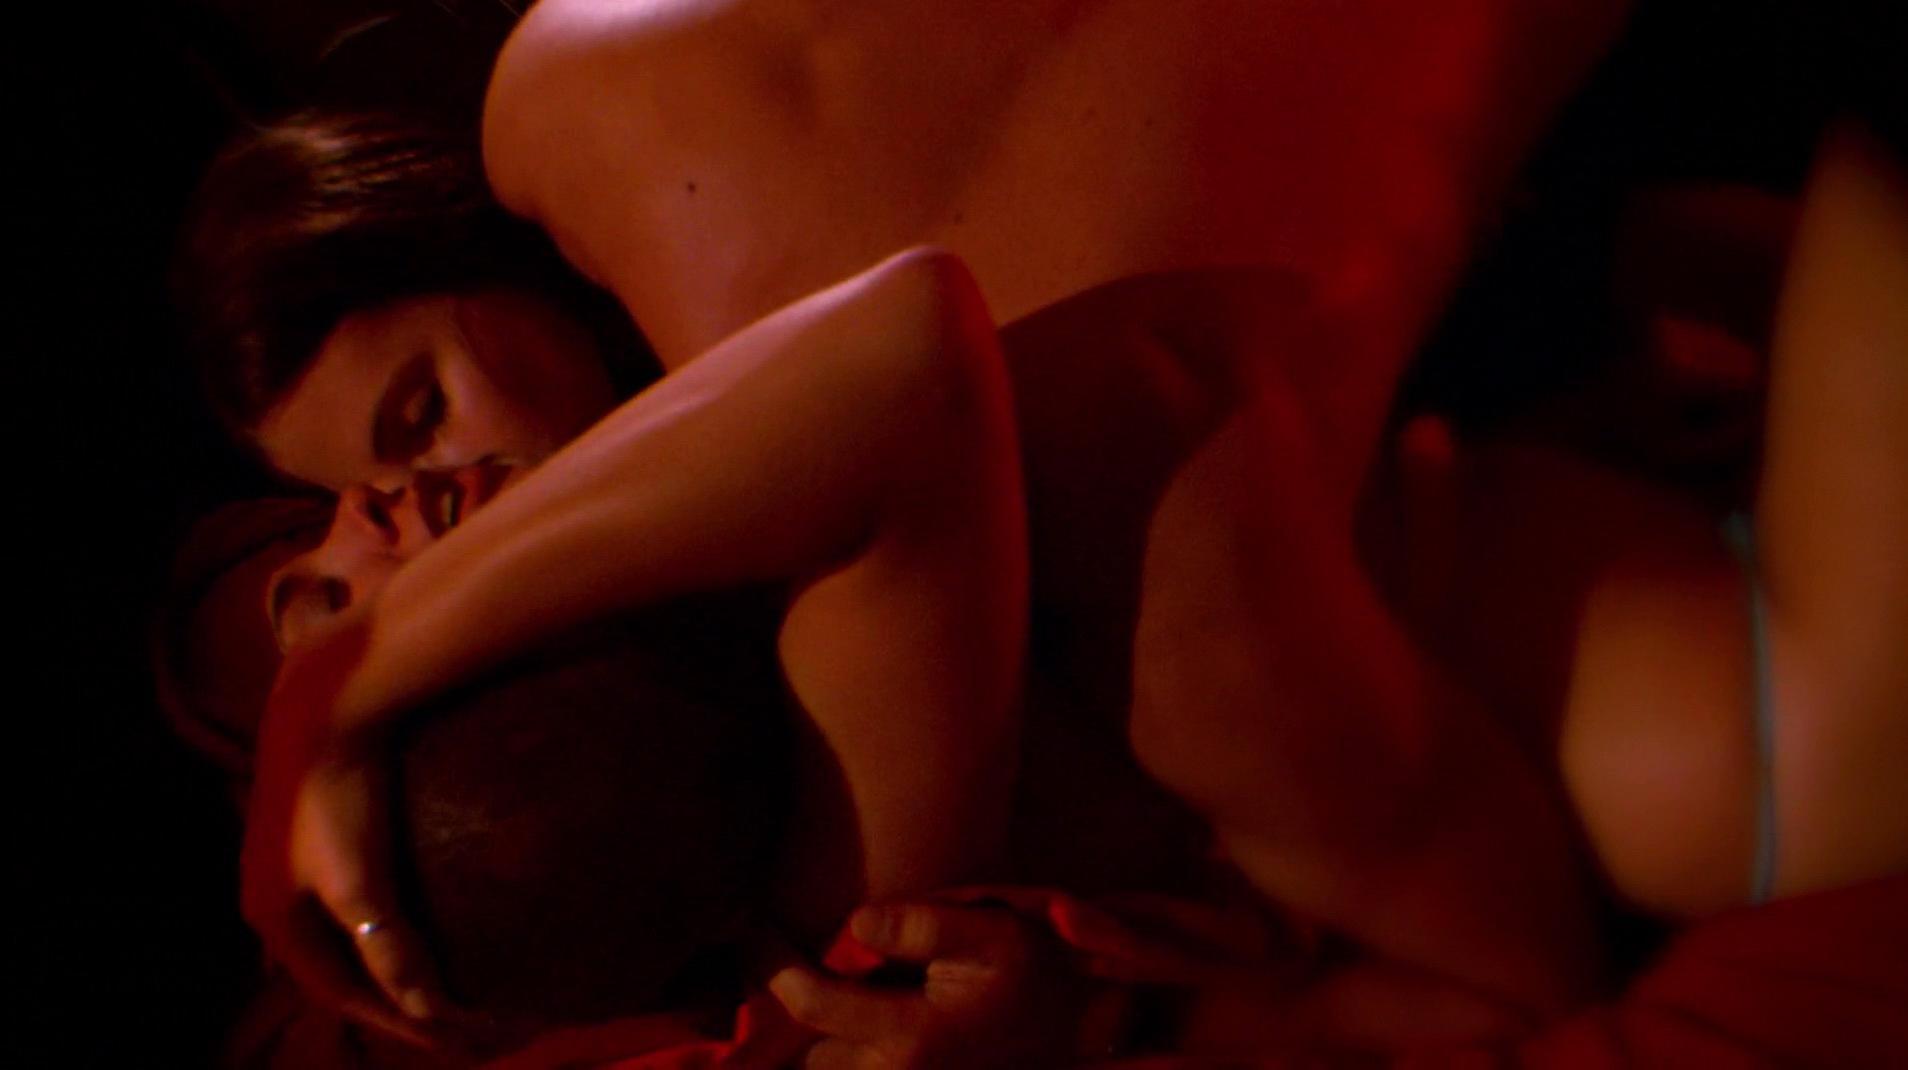 Секс с кристанной локен, Голая Кристанна Локен Фейк и фото голых знаменитостей 23 фотография